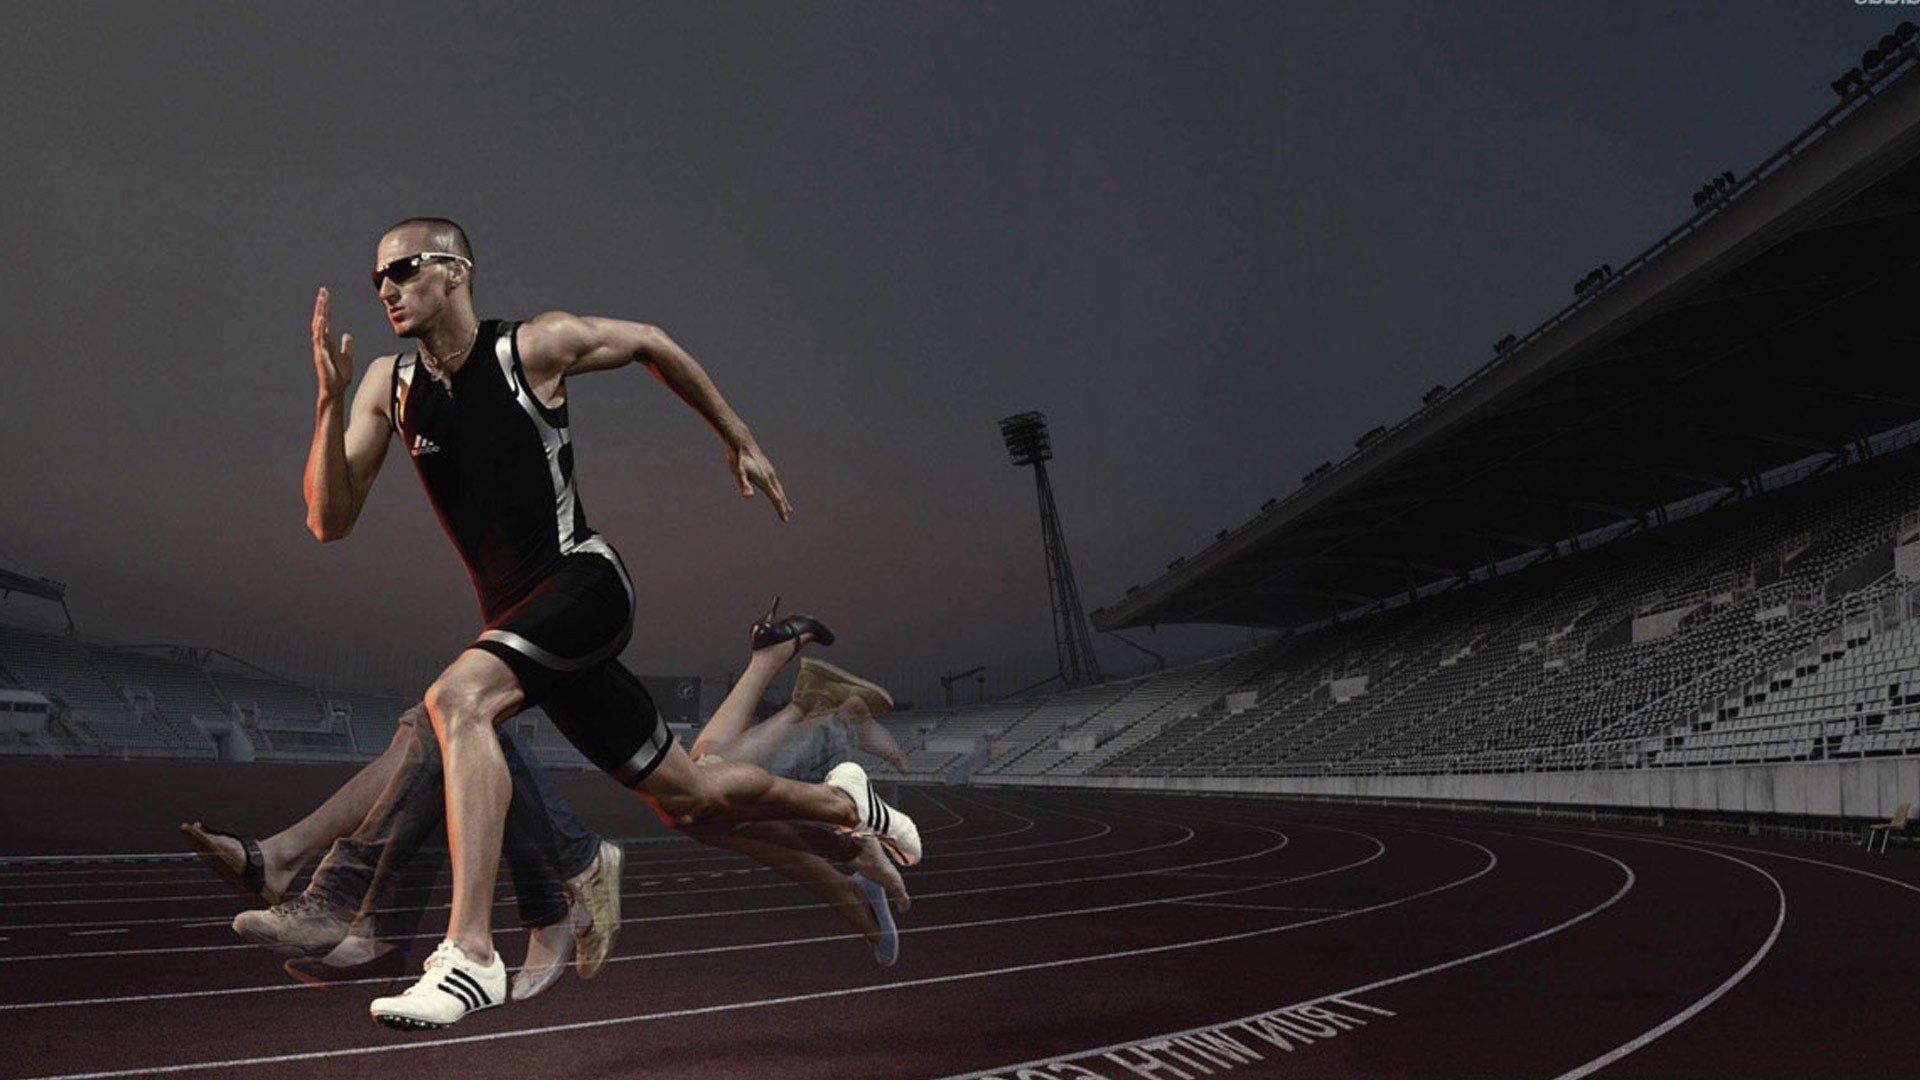 Running Wallpaper Image